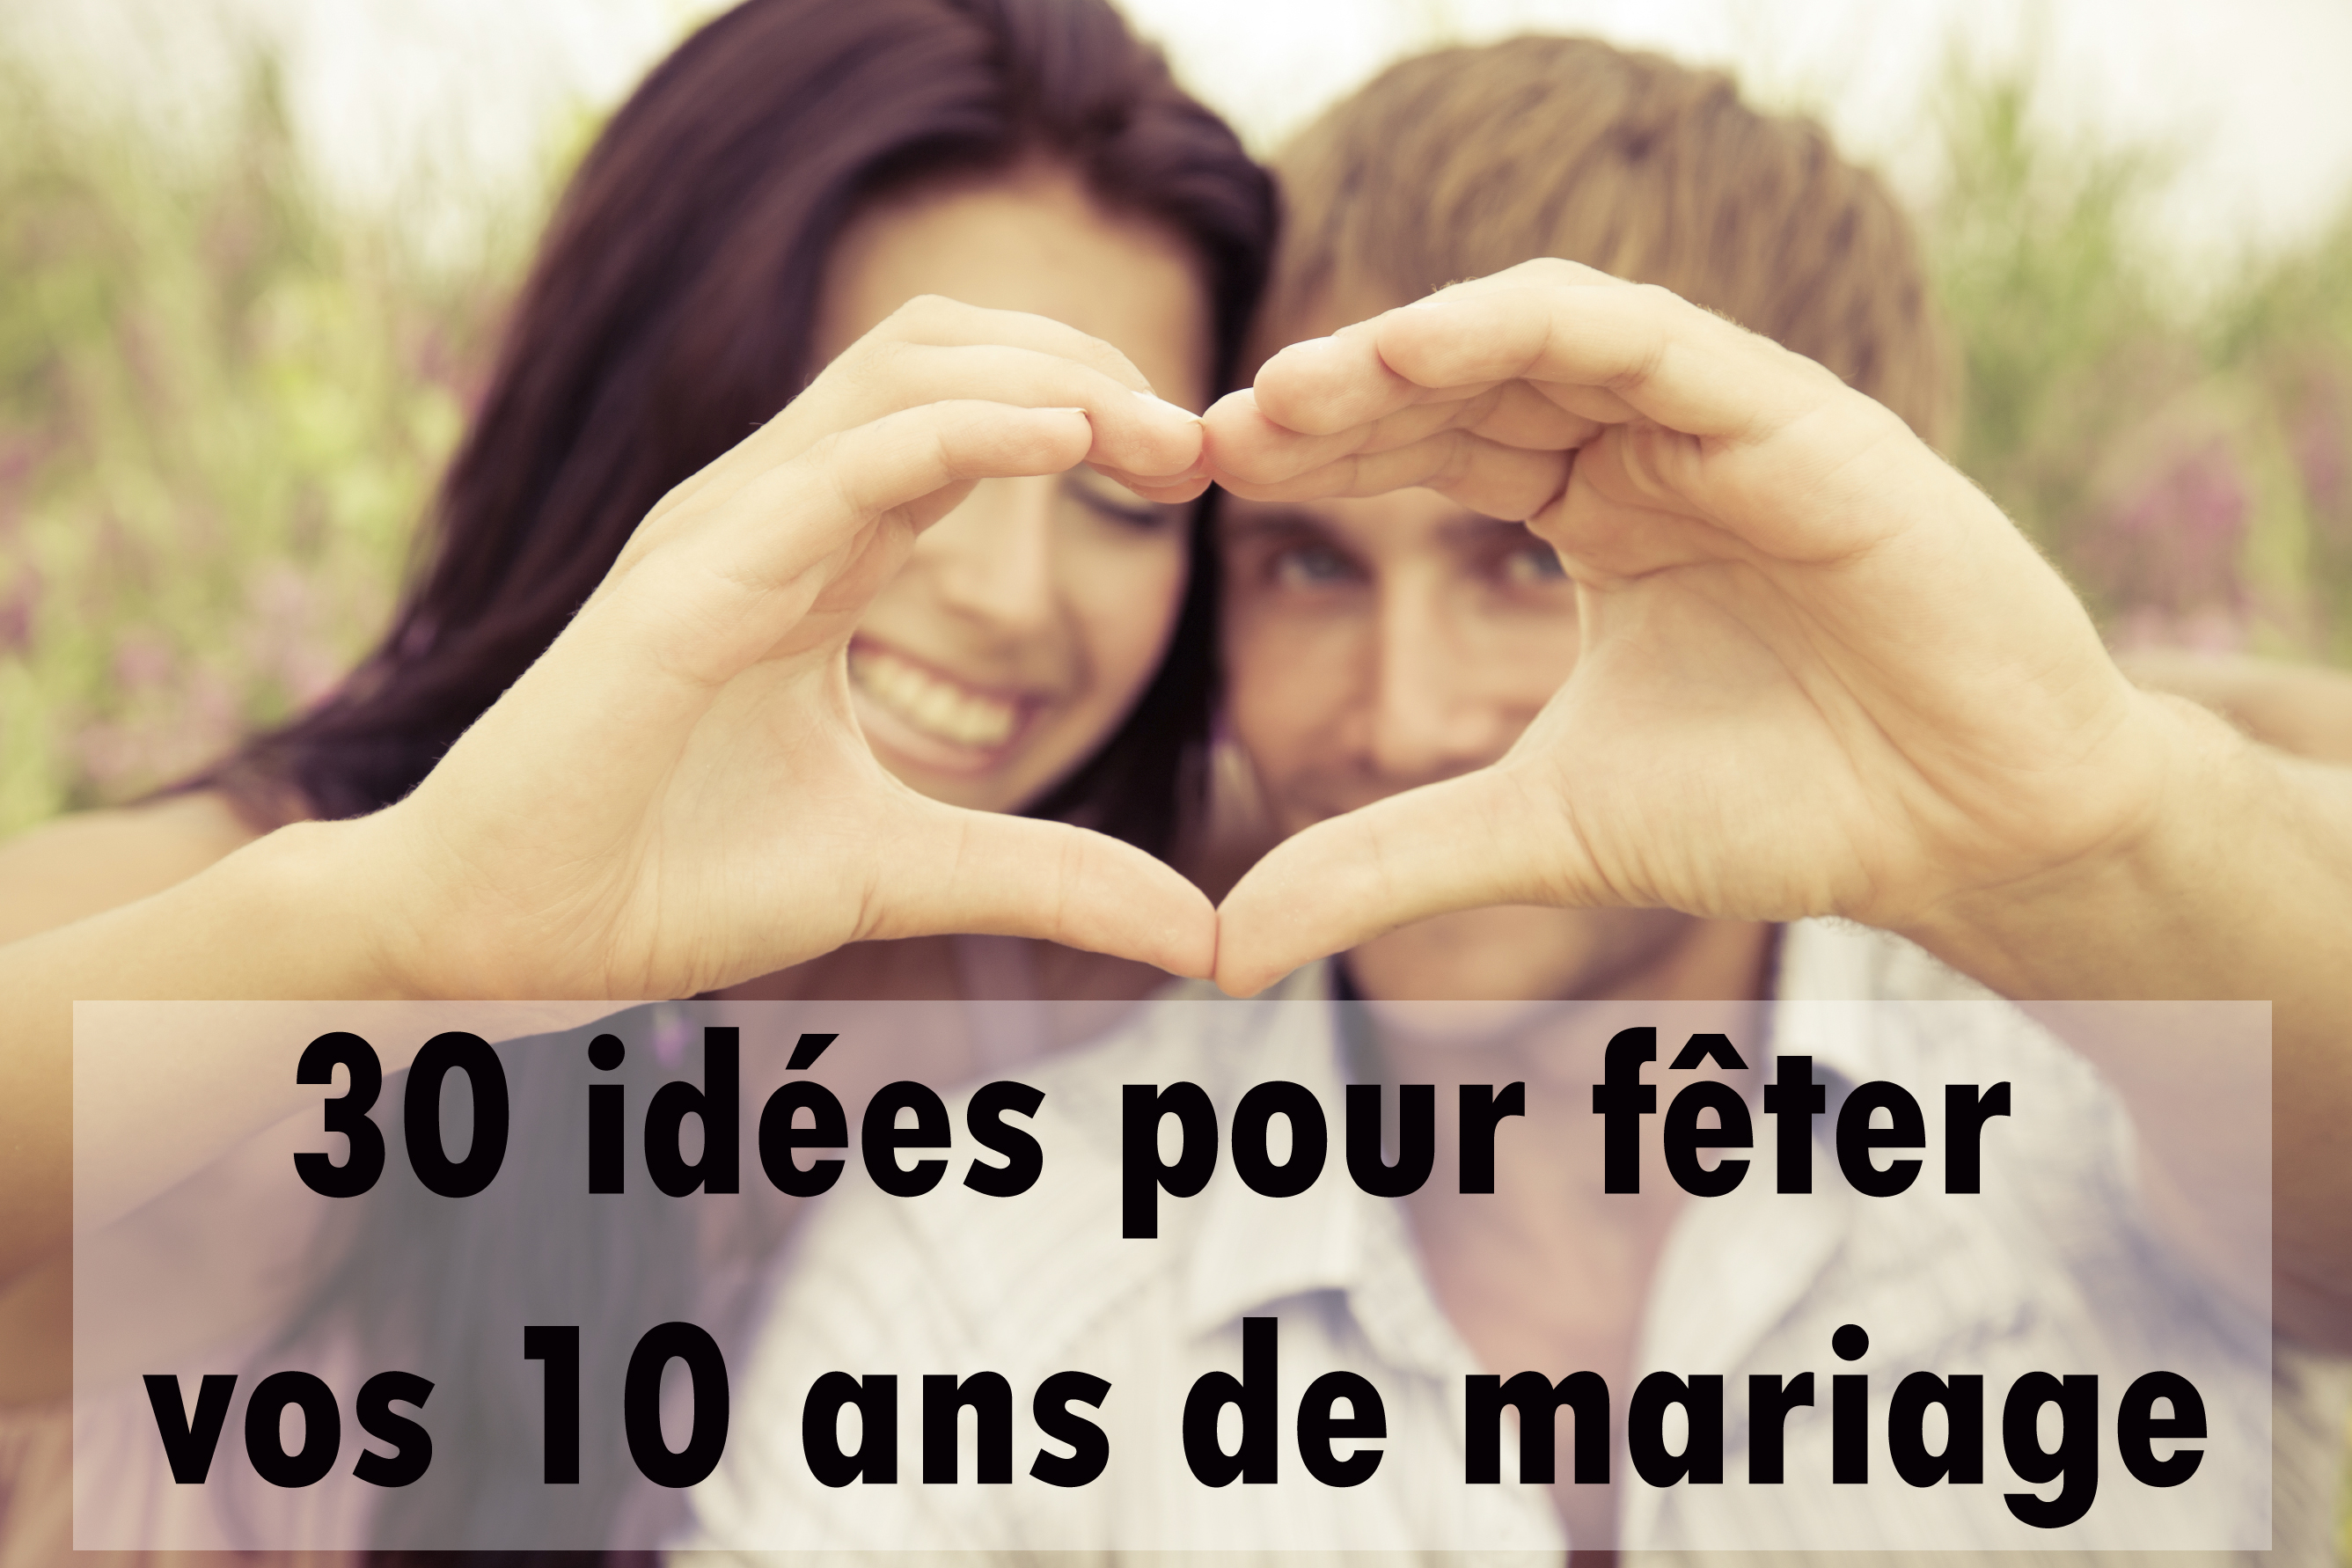 30 Idees Pour Feter Vos 10 Ans De Mariage Album Photo